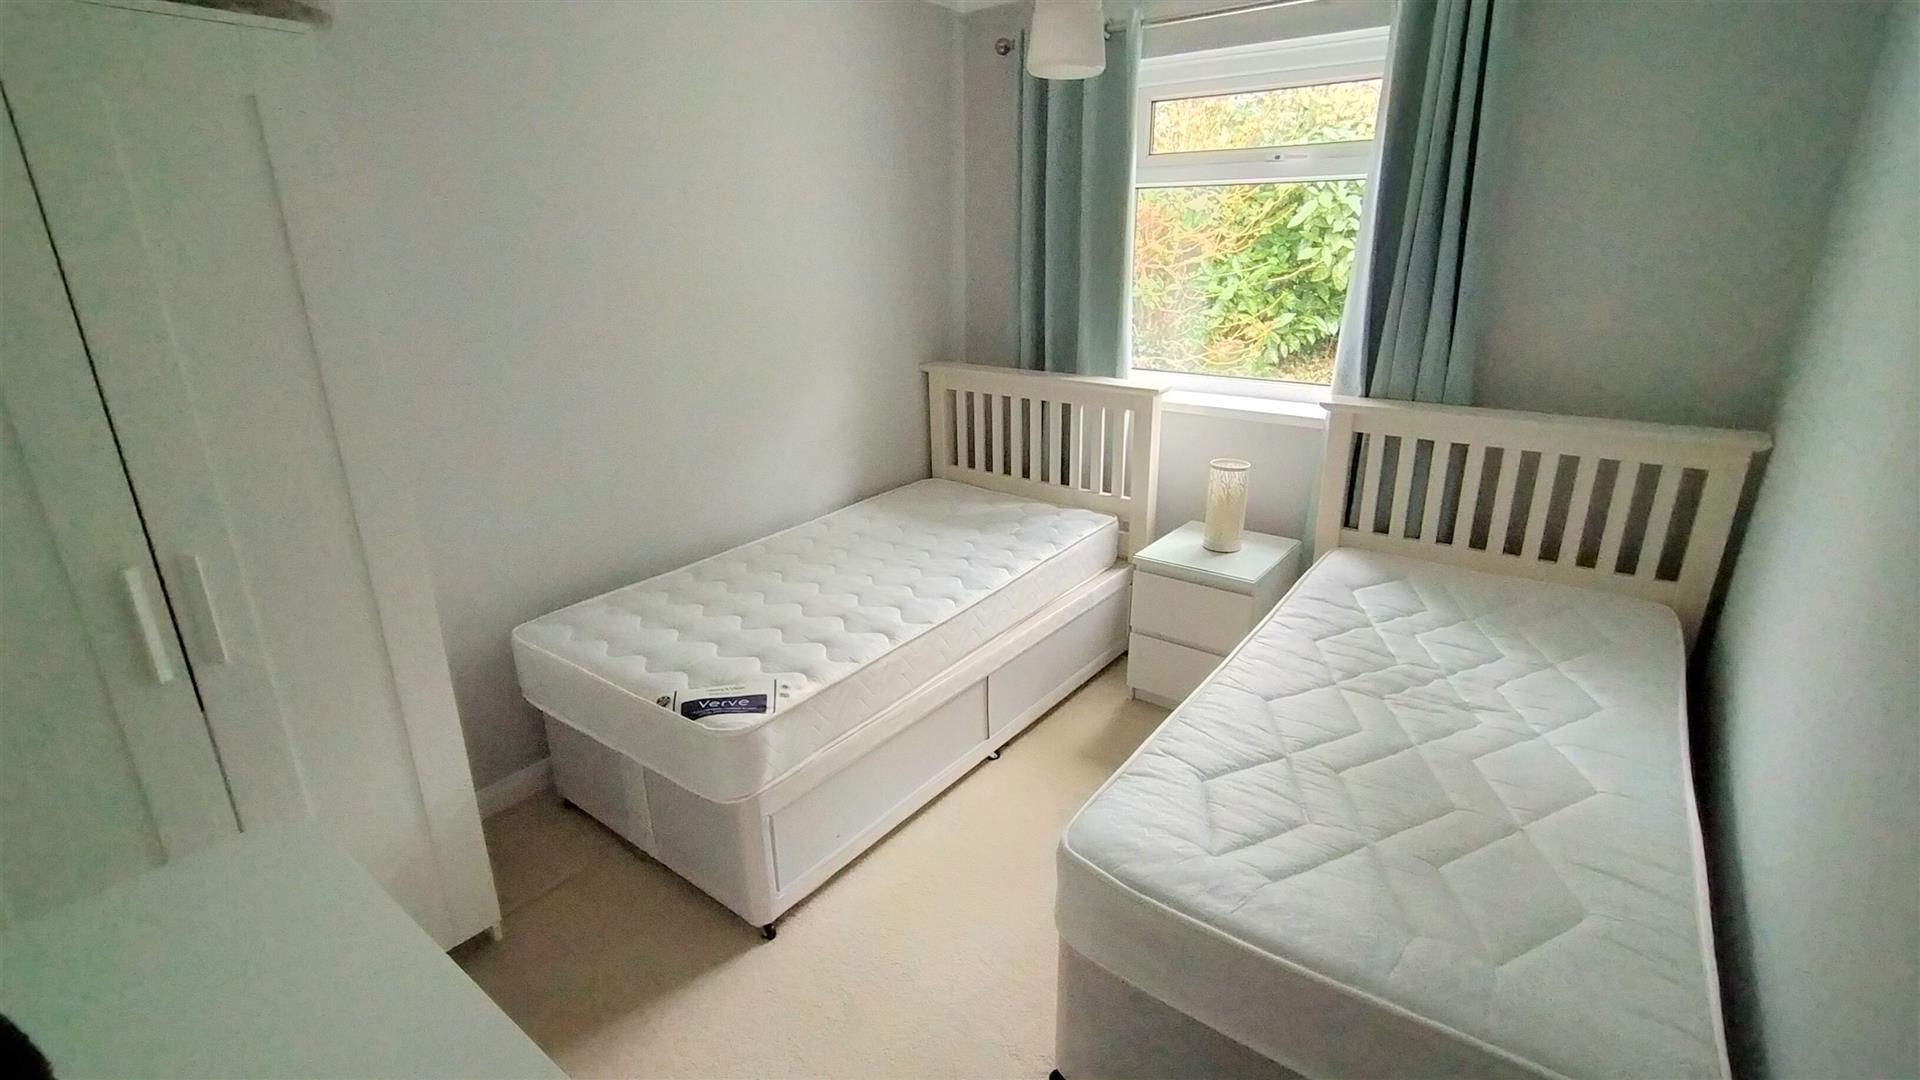 Oxwich, Swansea, SA3 1LS